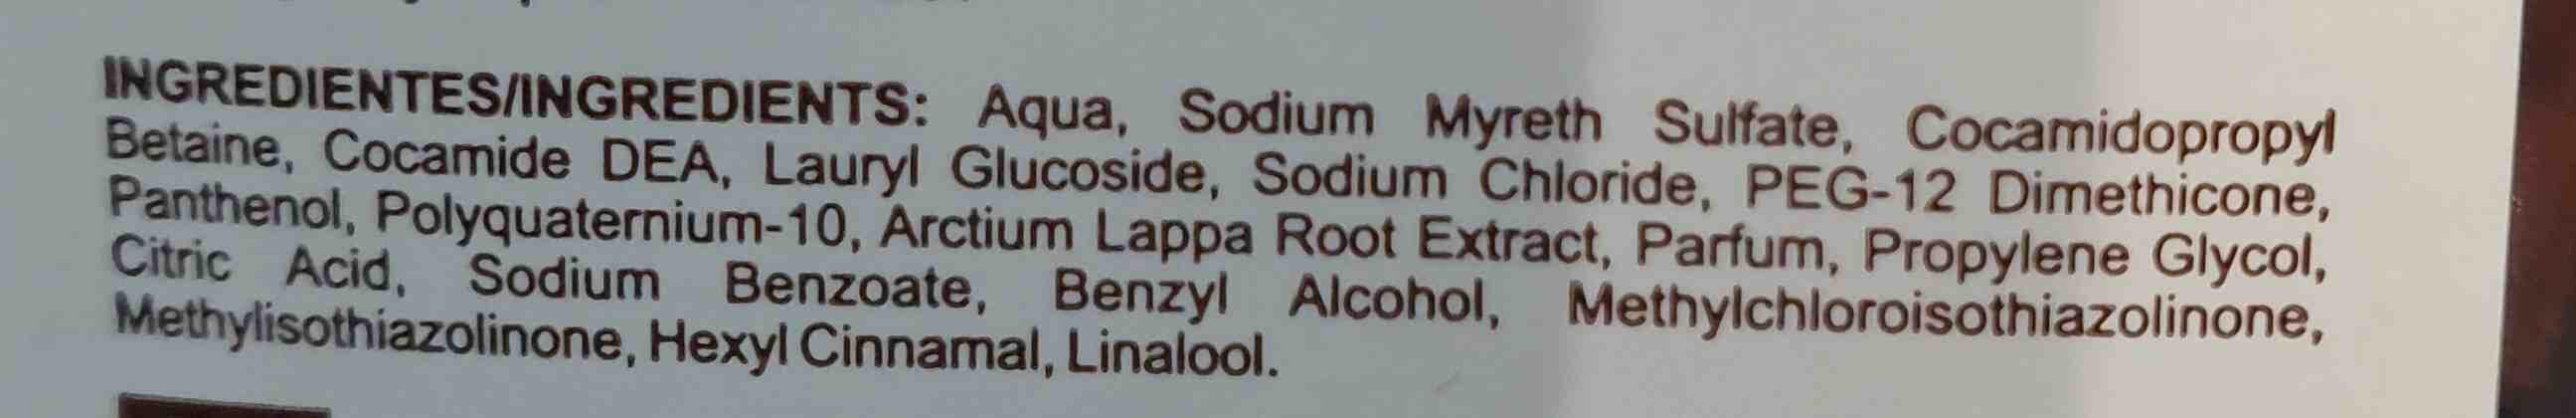 Champu contra la caida de cabello bardana - Ingredients - en